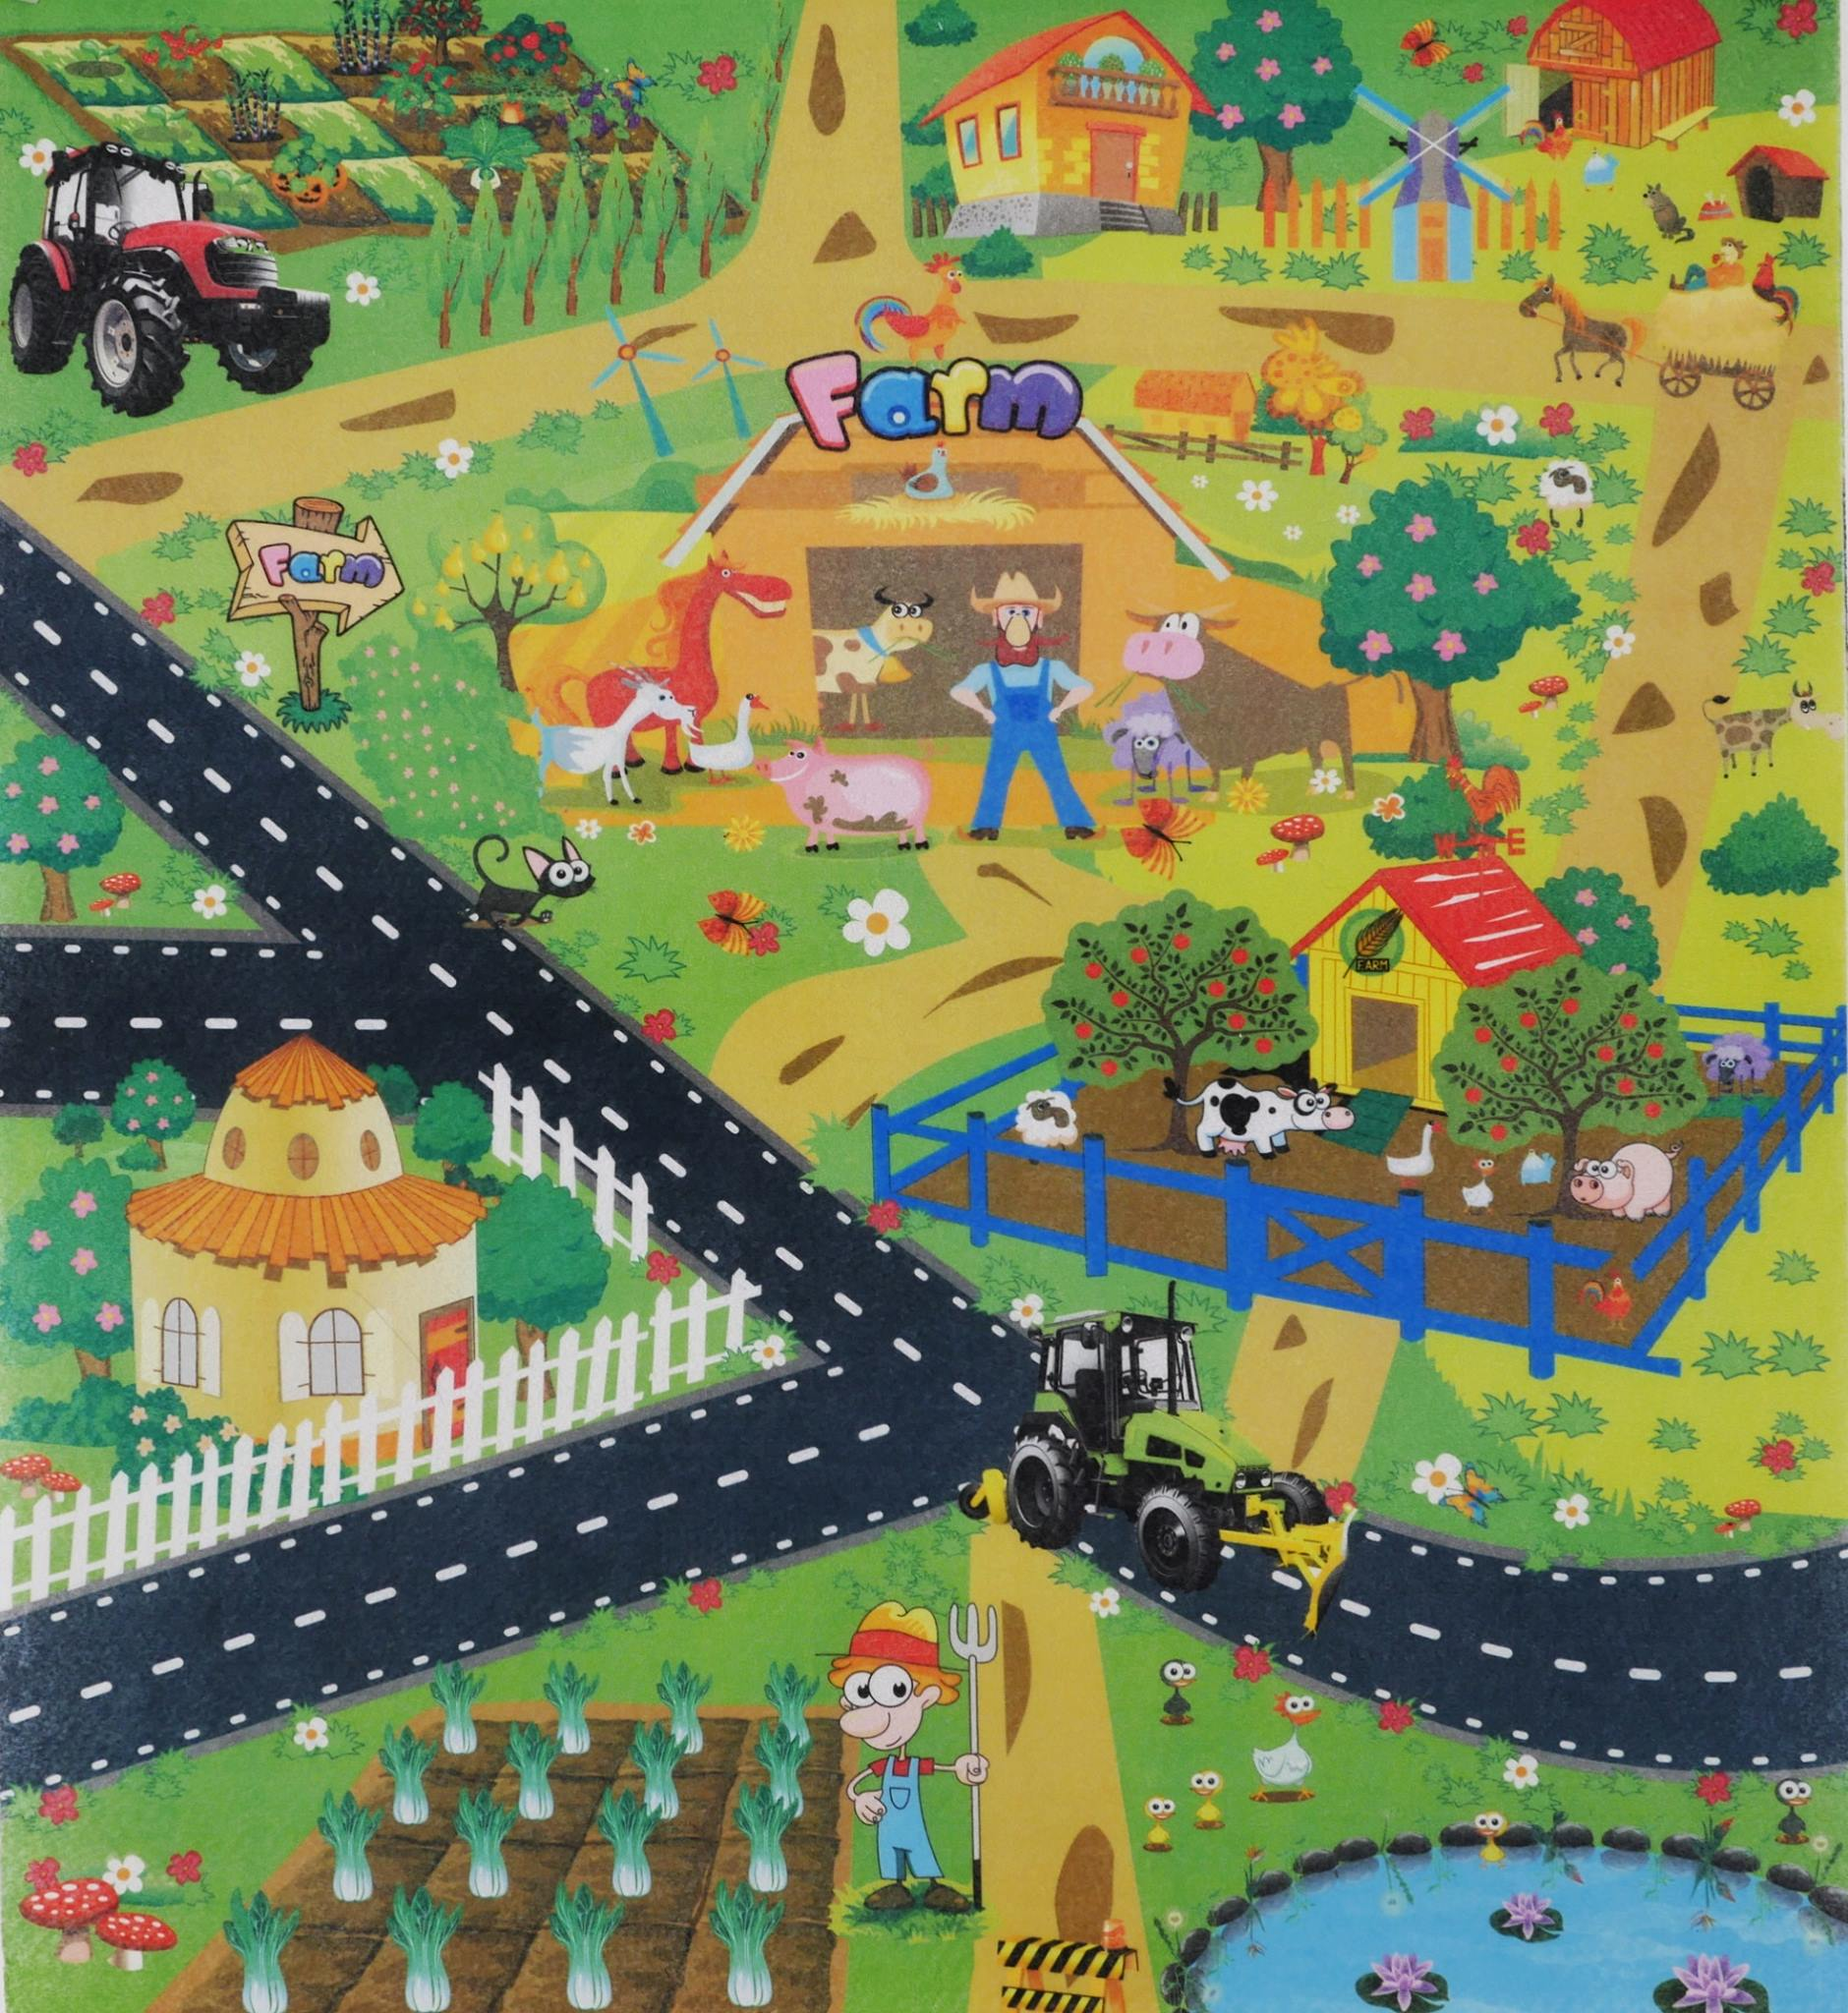 แผนที่ Farm พร้อมรถ 1 คัน